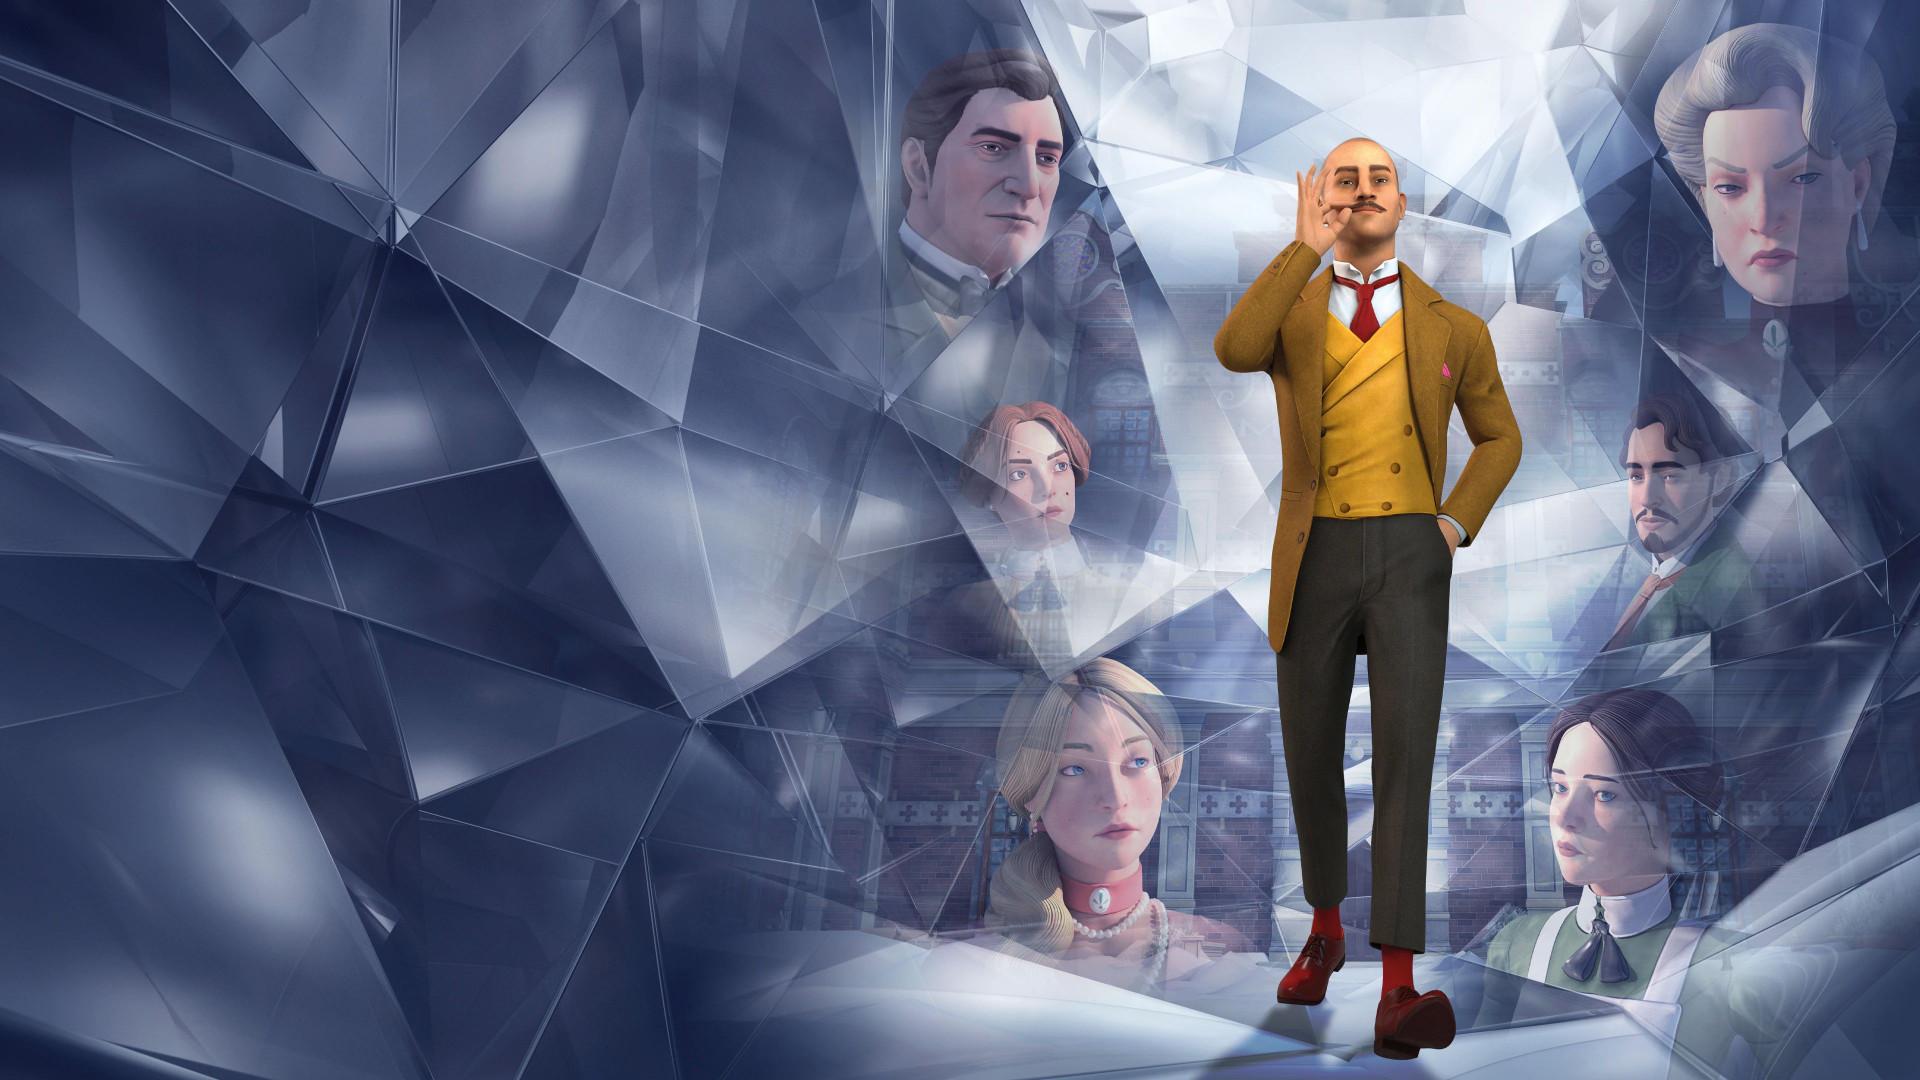 Вышел новый трейлер Agatha Christie — Hercule Poirot: The First Cases